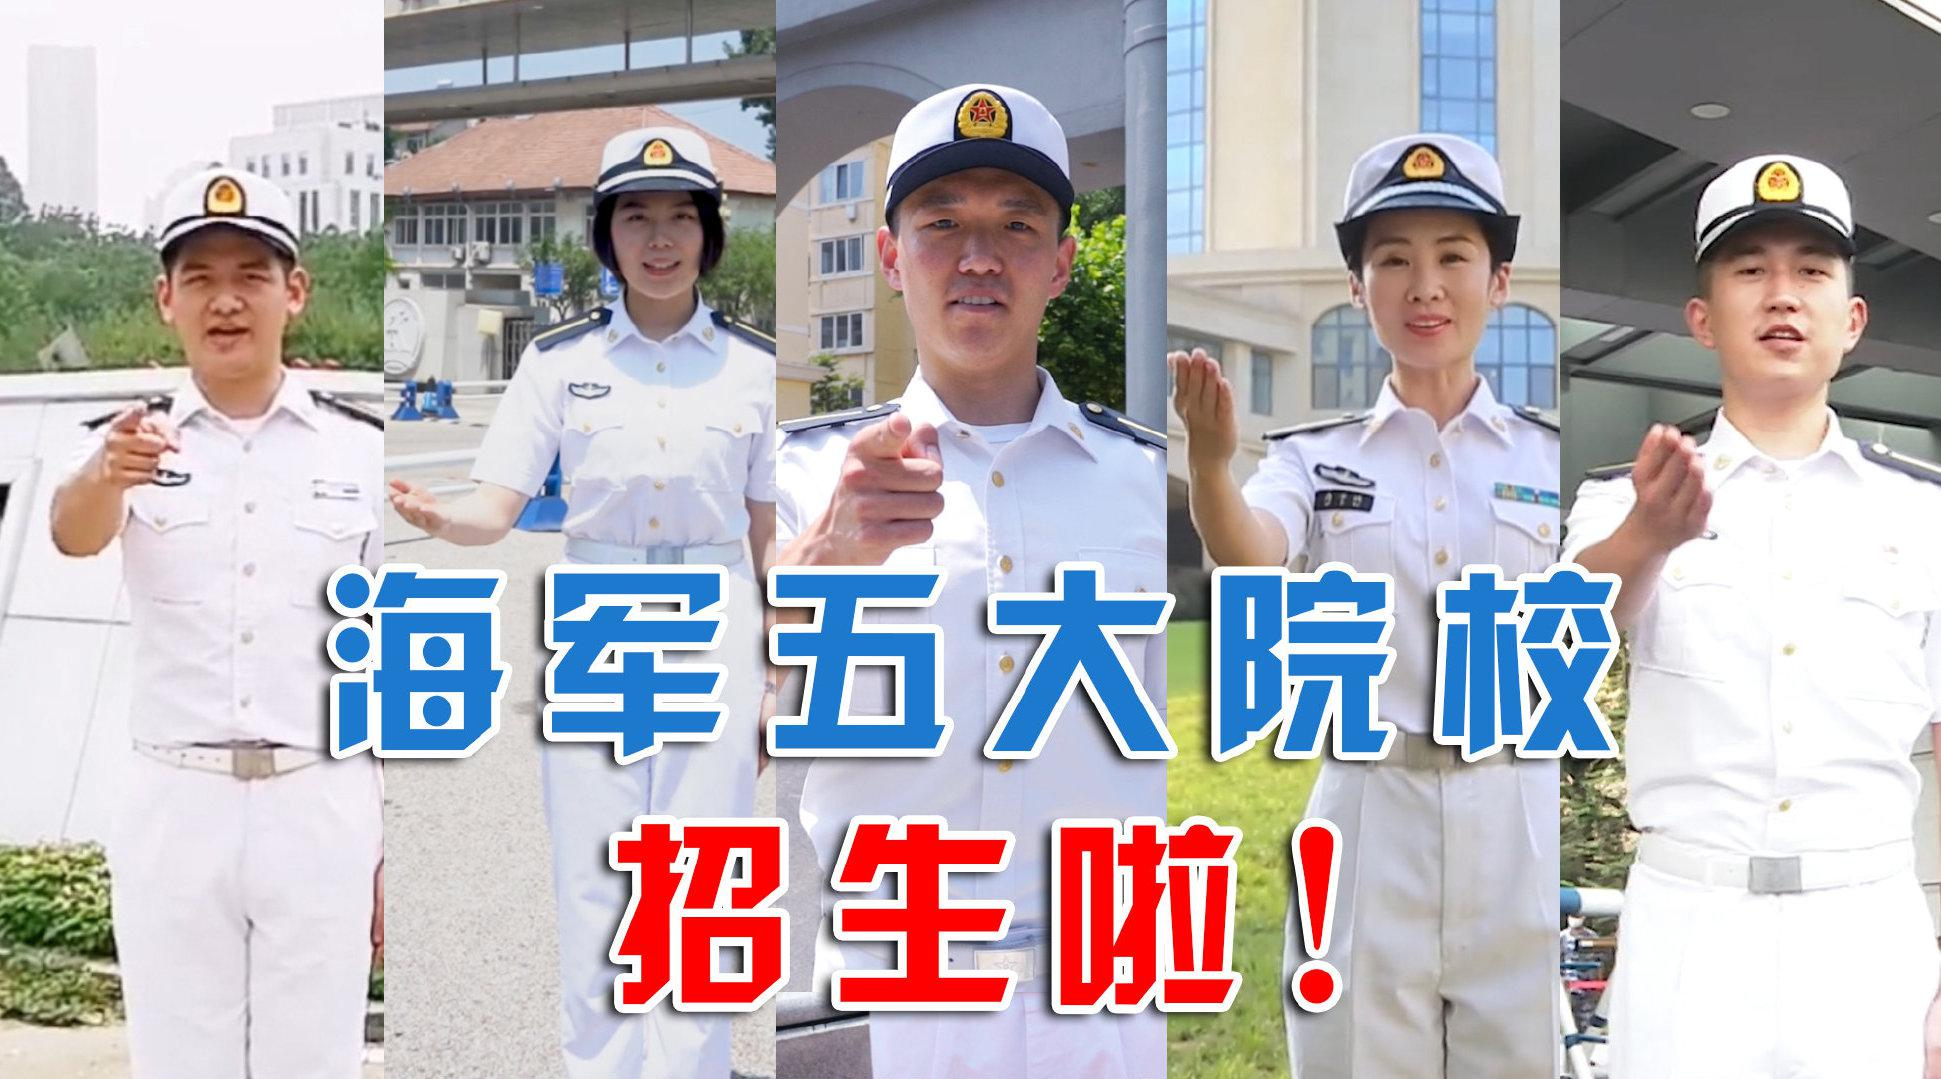 @ 高考学子:海军五大院校 拍了拍准备填志愿的你然后……